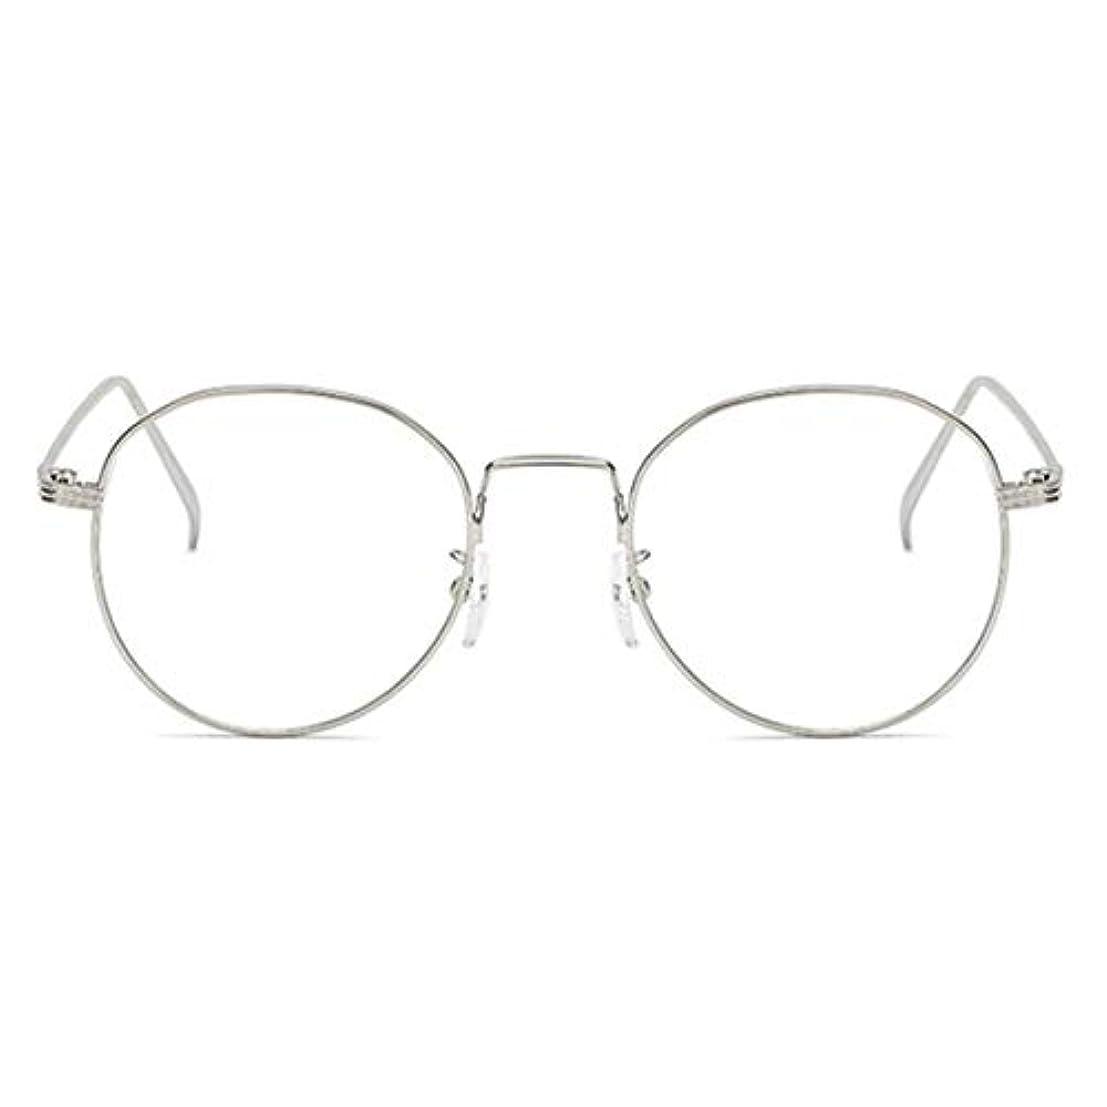 ライブ生じるチャネル丸型アンチブルーライト男性女性メガネ軽量金属フレームプレーンミラーレンズアイウェアメガネ-シルバー